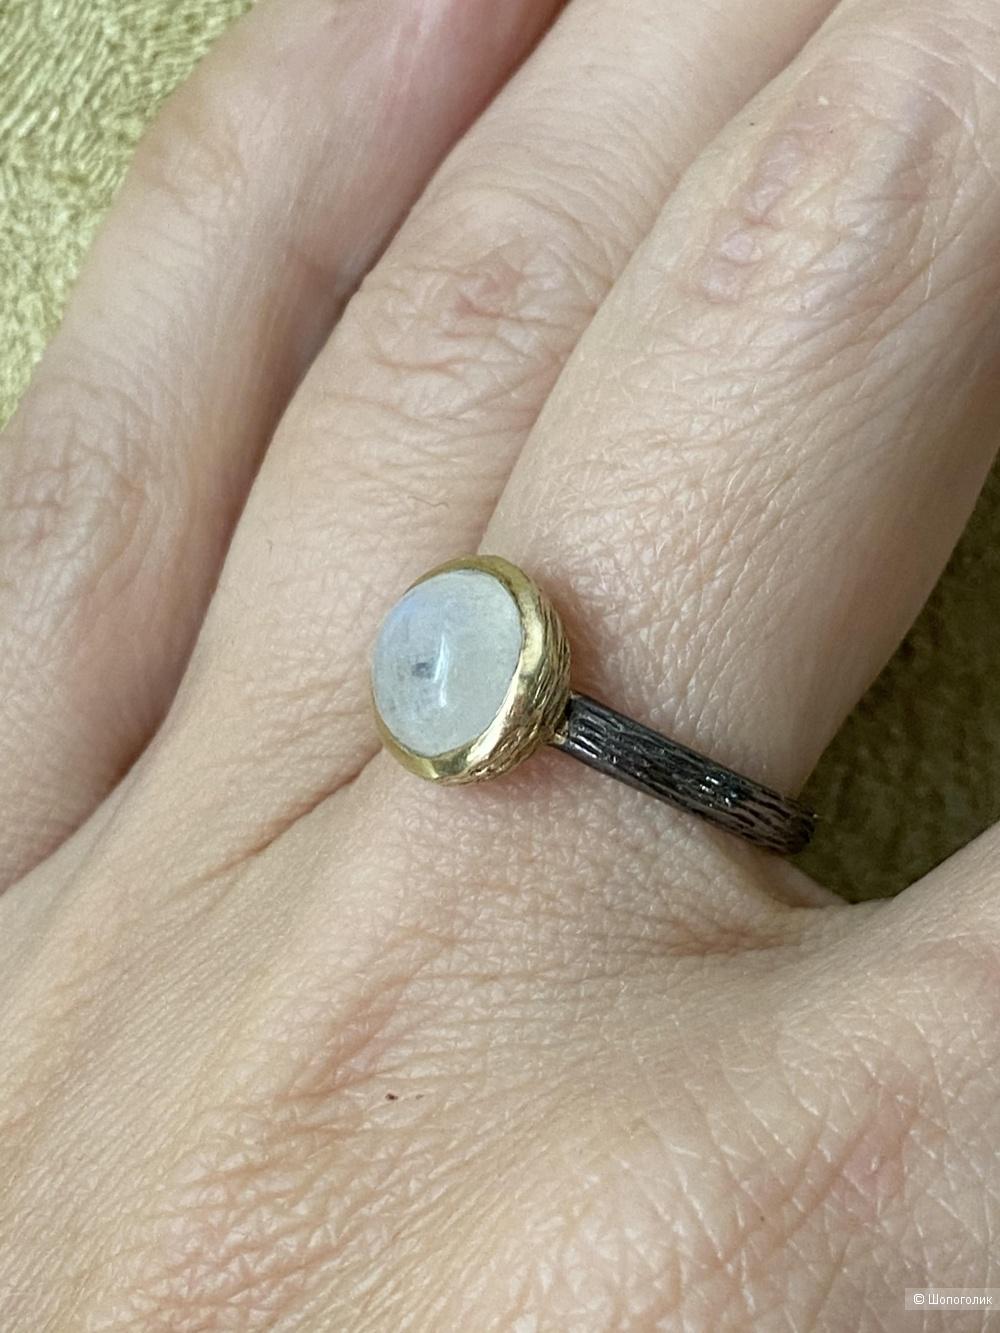 Кольцо из серебра с лунным камнем, размер 17,5.